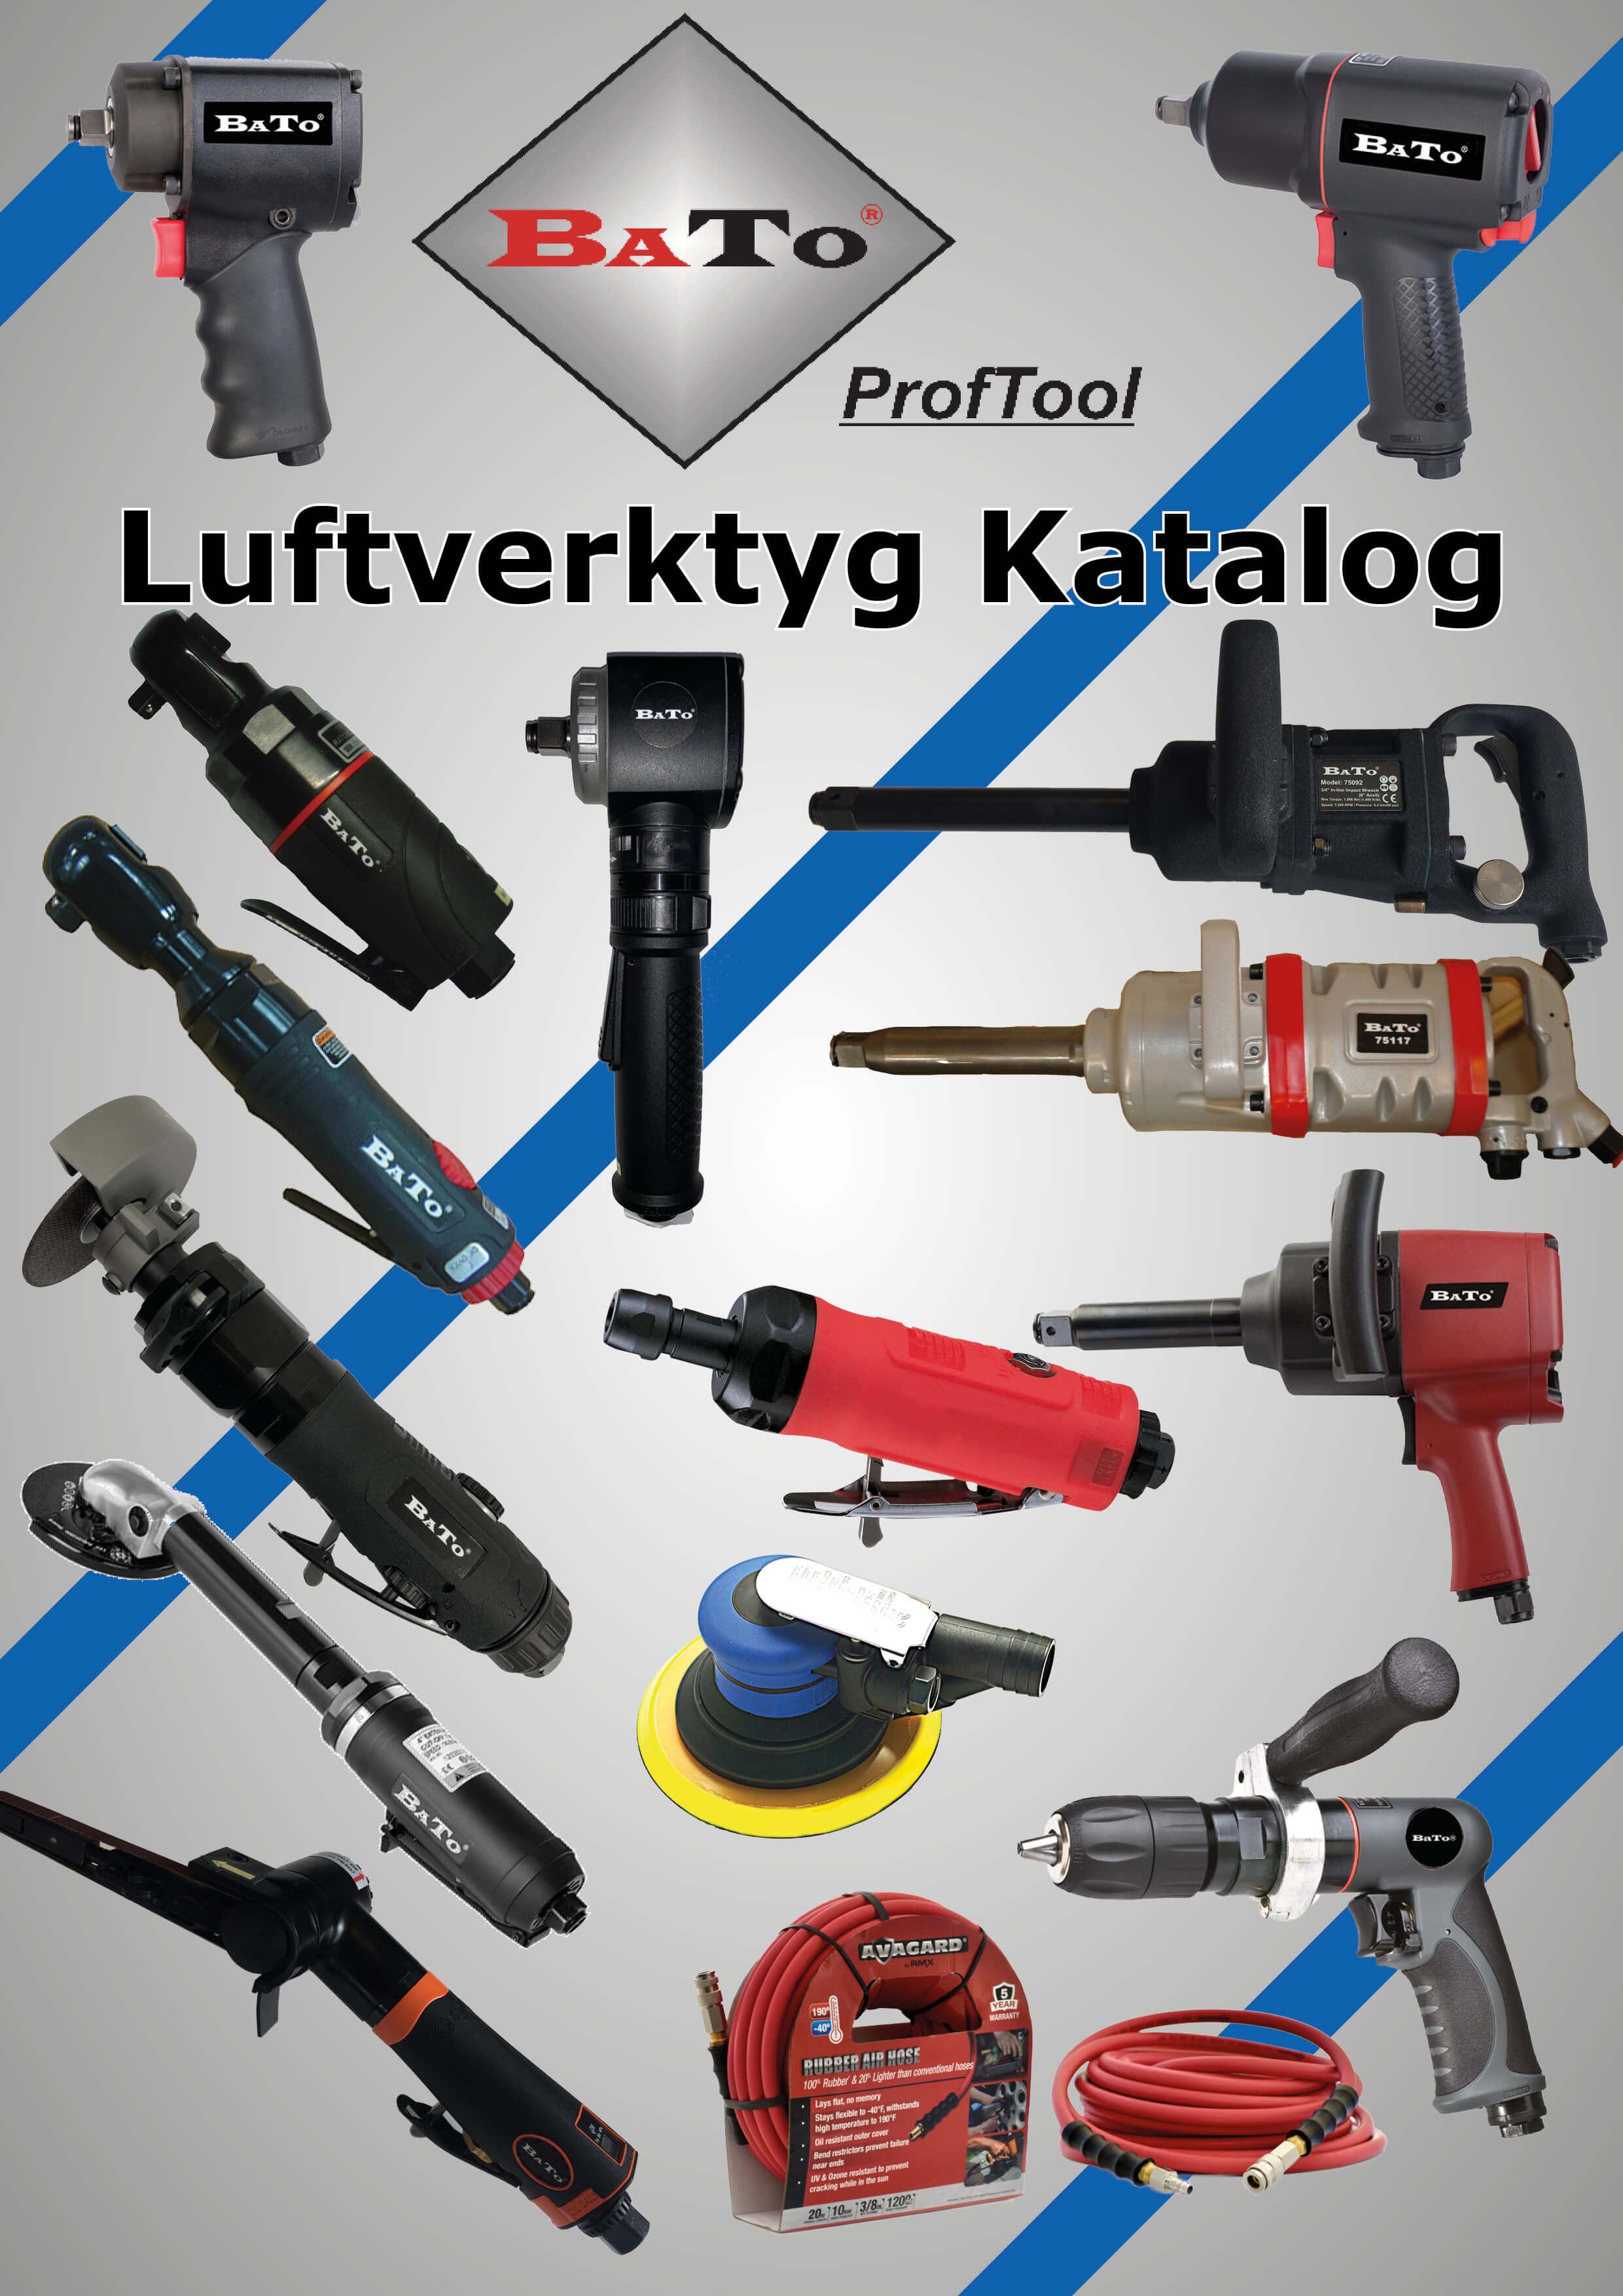 Luftværktøj katalog